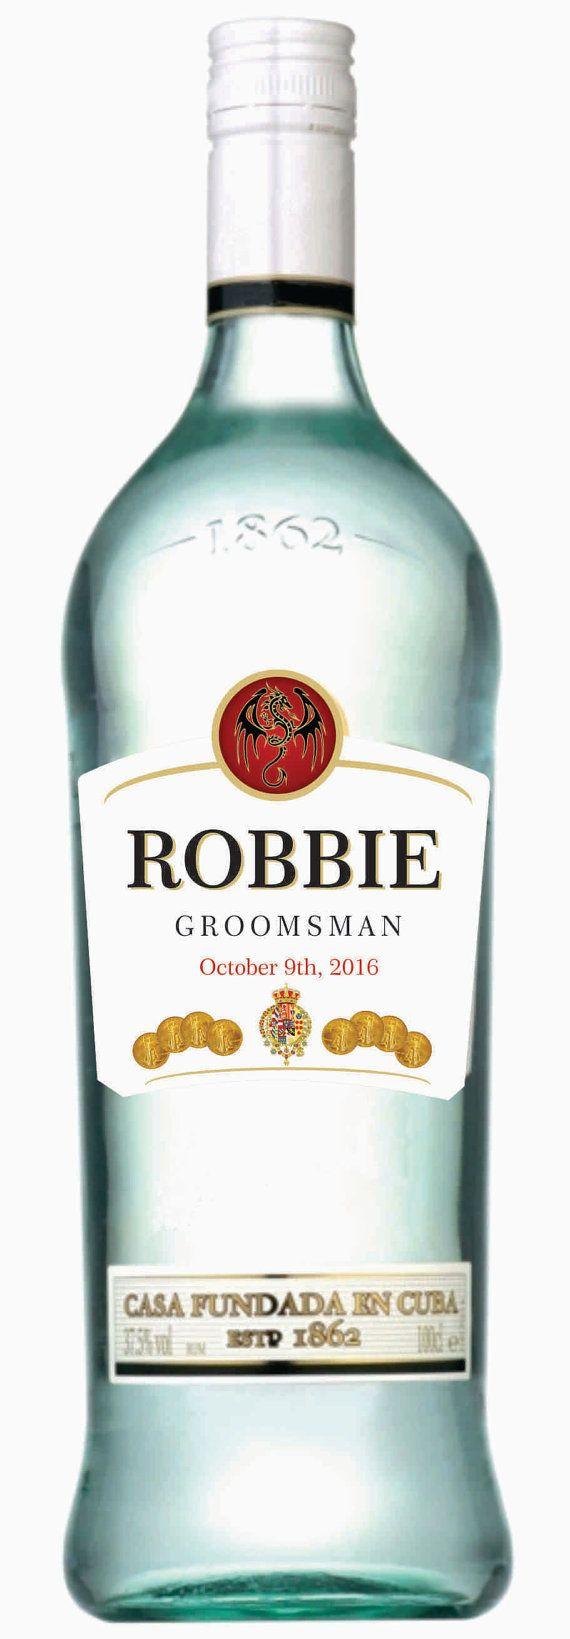 Personalized Rum Labels (Wedding Gift) | Rum, Liquor and Unique ...